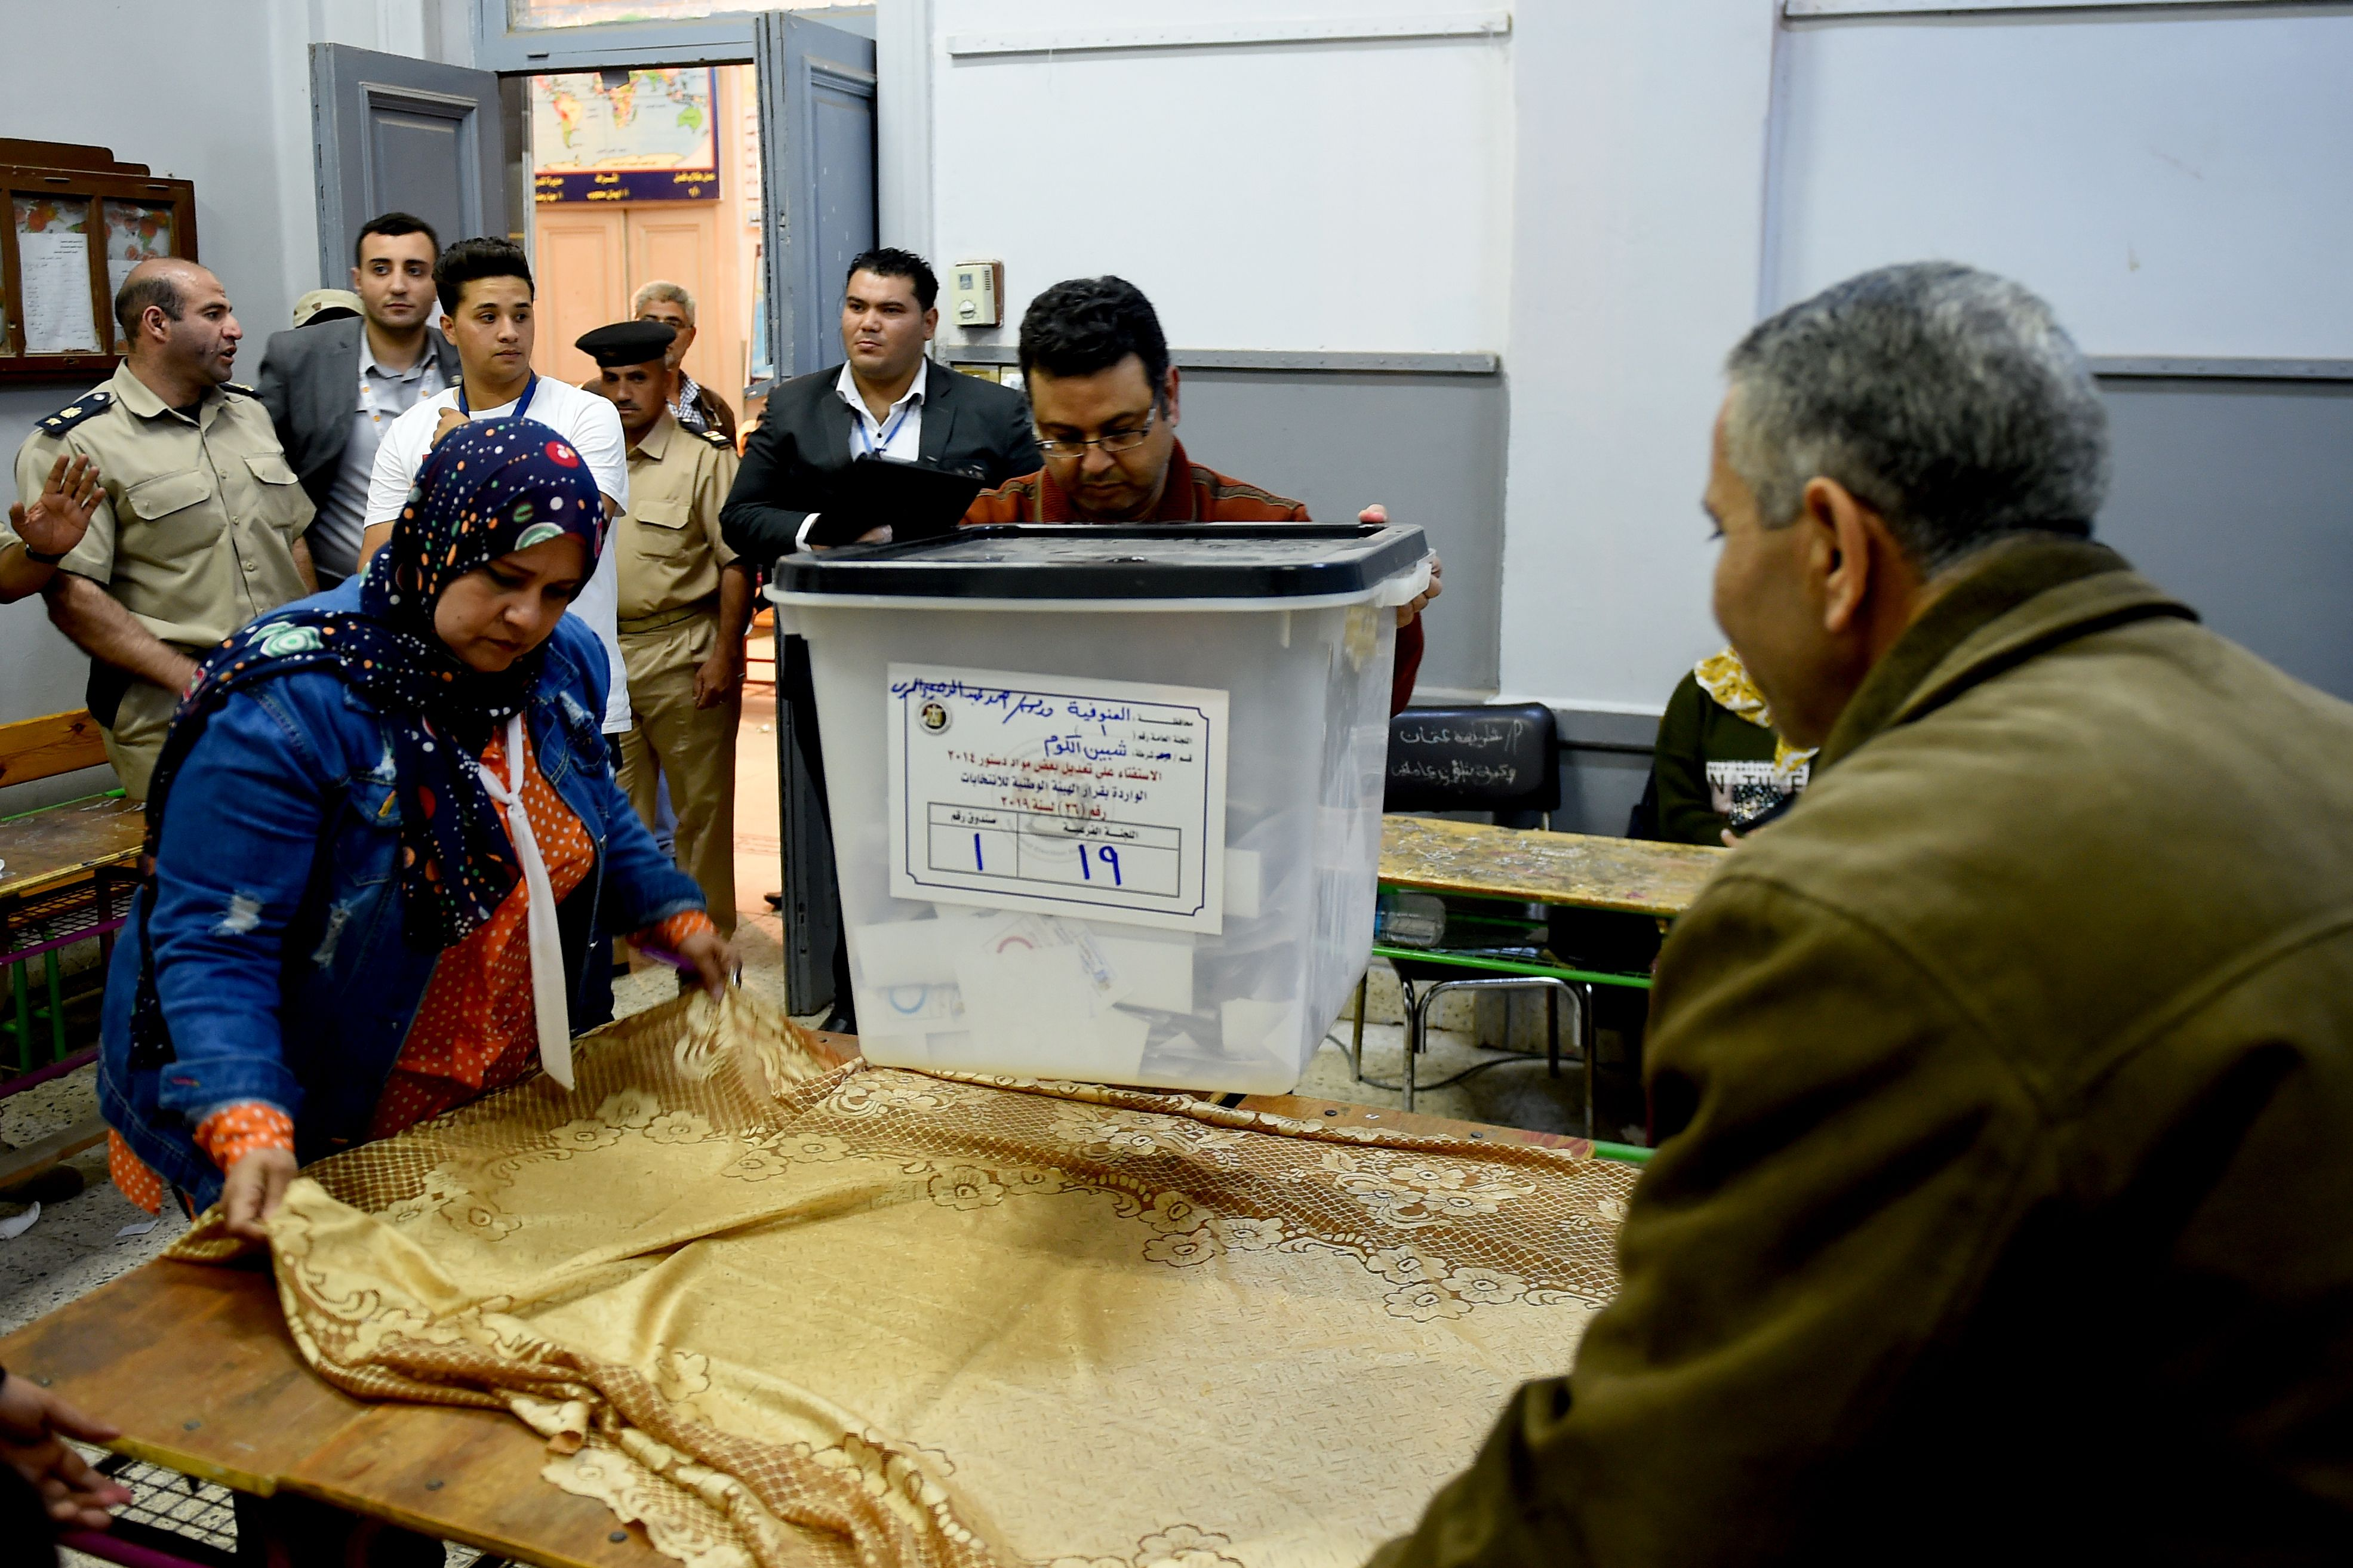 التصويت استمر 3 أيام وسط متابعة من مختلف منظمات المجتمع المدني ووسائل الإعلام المحلية والدولية (أ.ف.ب)